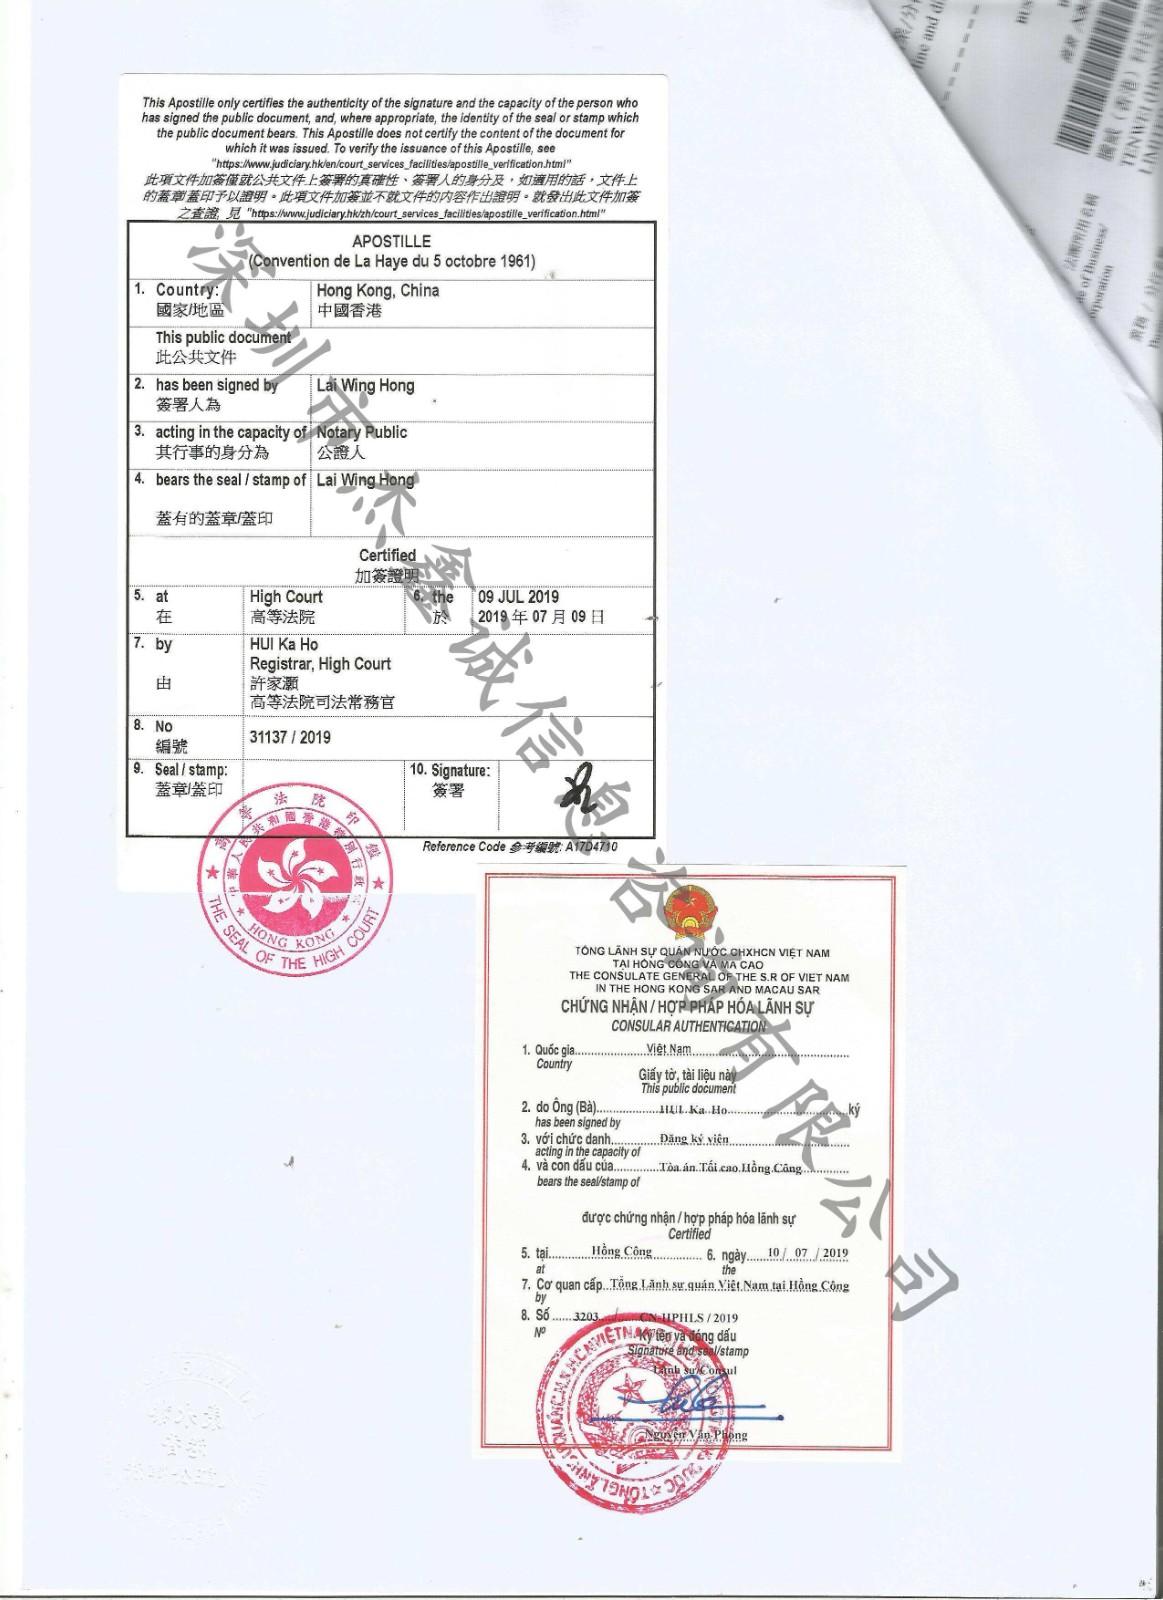 大使馆越南使馆认证 领事认证 价格优惠 快速下证